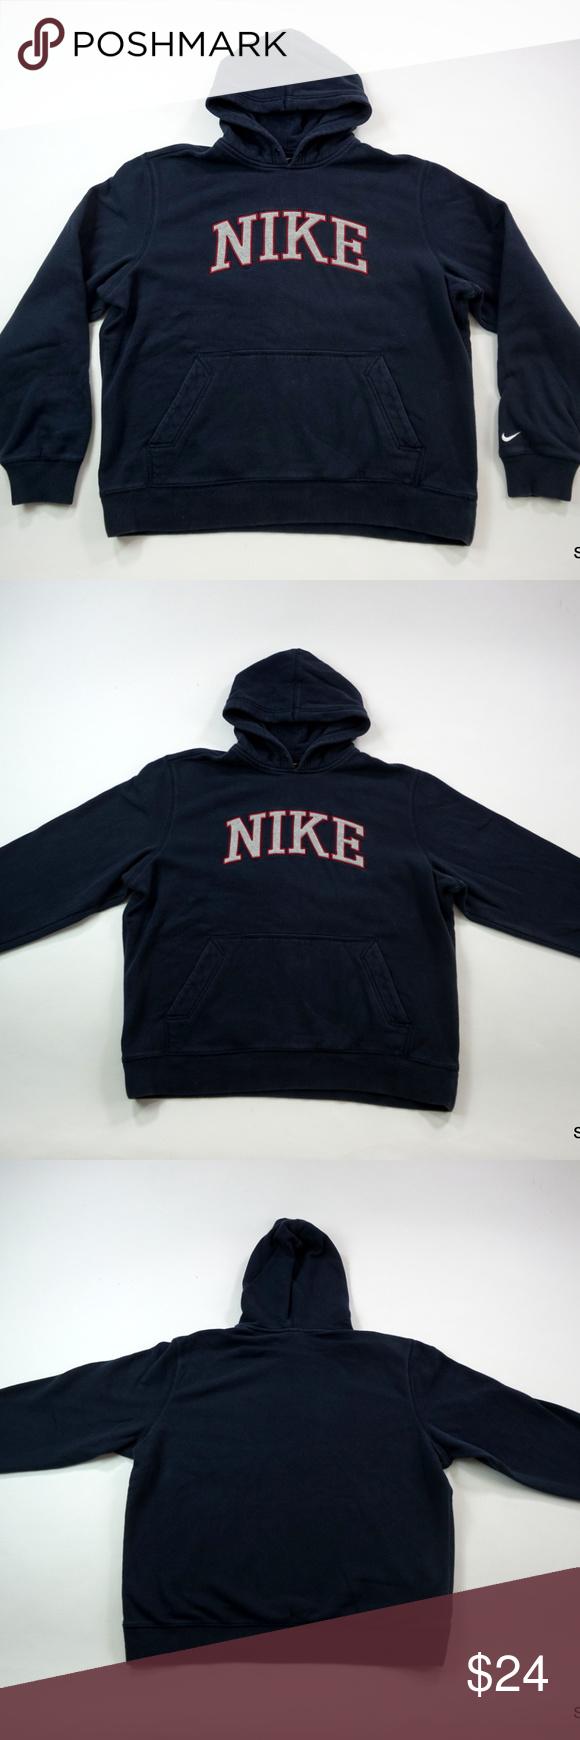 Nike Men S Hoodie Hooded Sweatshirt Embroidered Xl Hoodies Men Hooded Sweatshirts Hoodies [ 1740 x 580 Pixel ]